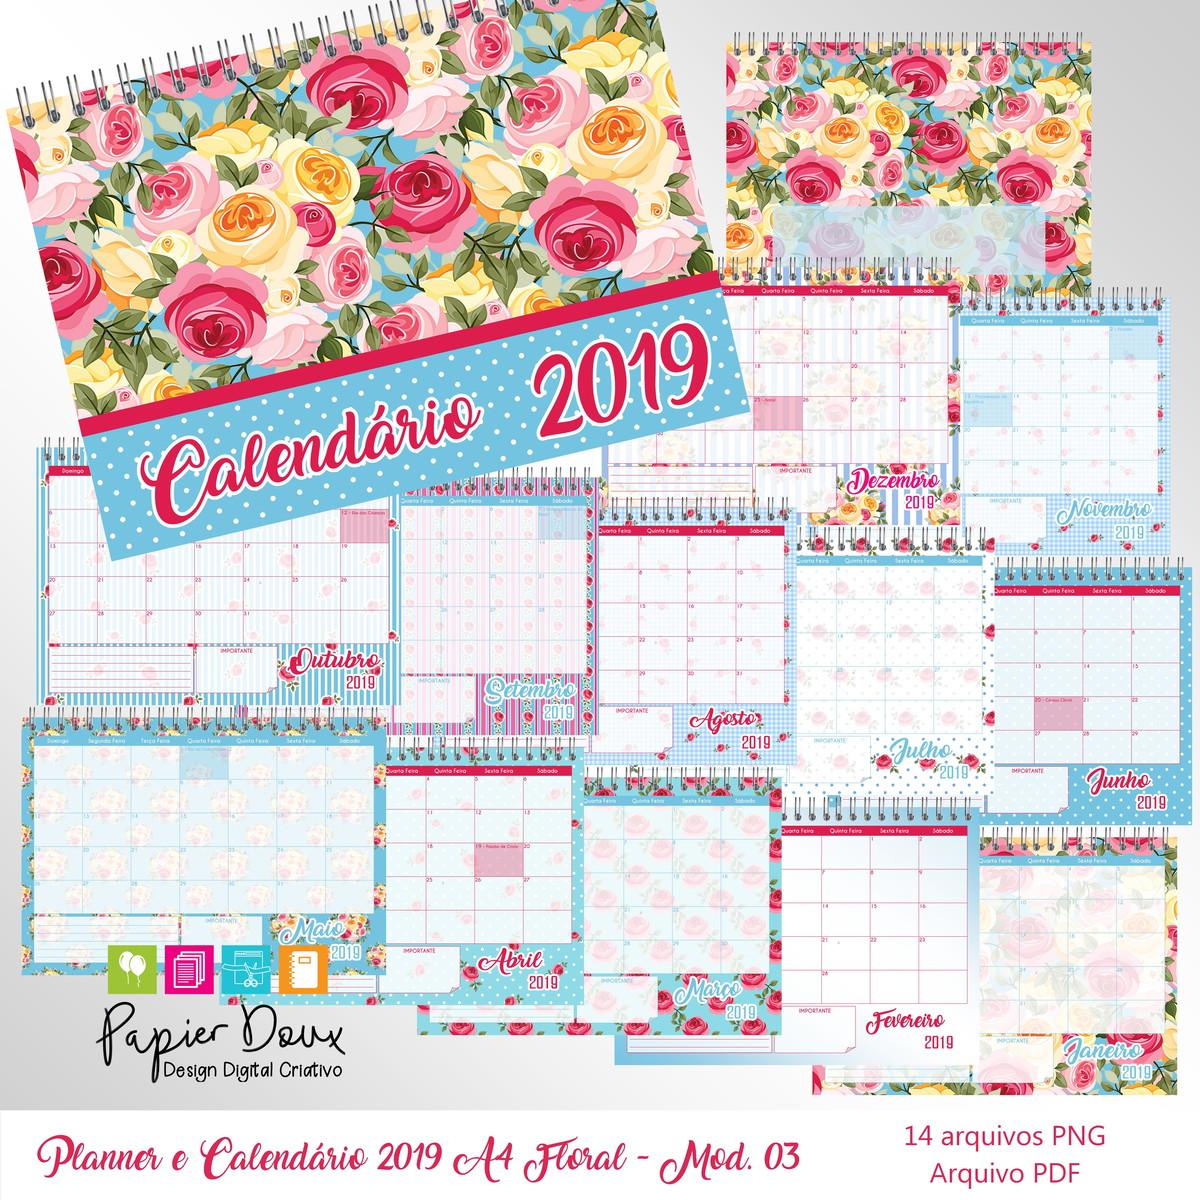 Calendario.Planner Mensal E Calendario 2019 A4 Floral Modelo 03